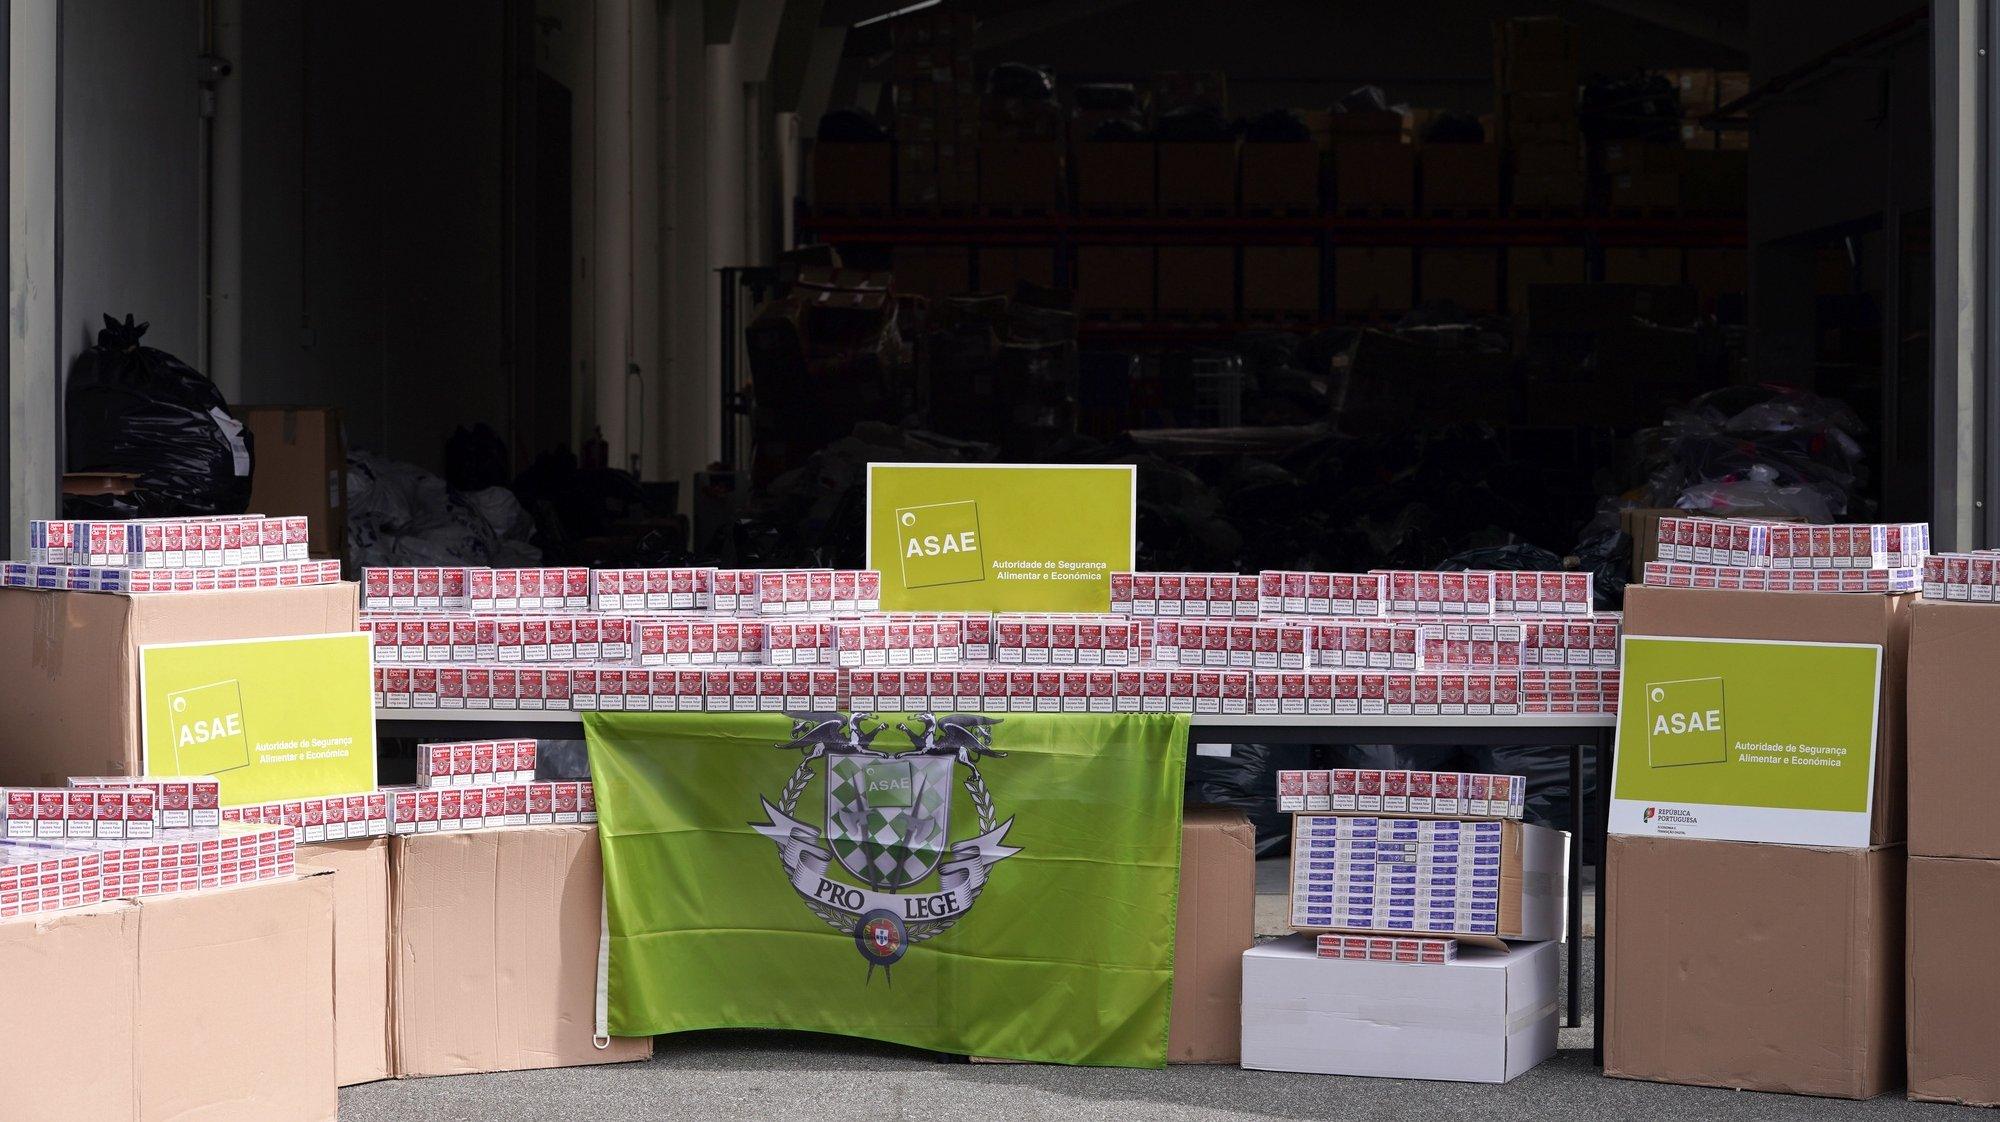 A ASAE  mostra o material decorrente de uma apreensão de cerca de 12 000 maços de tabaco bem como de viatura que se encontrava a transportar a referida mercadoria, em Barcelos, 23 de fevereiro de 2021. HUGO DELGADO/LUSA